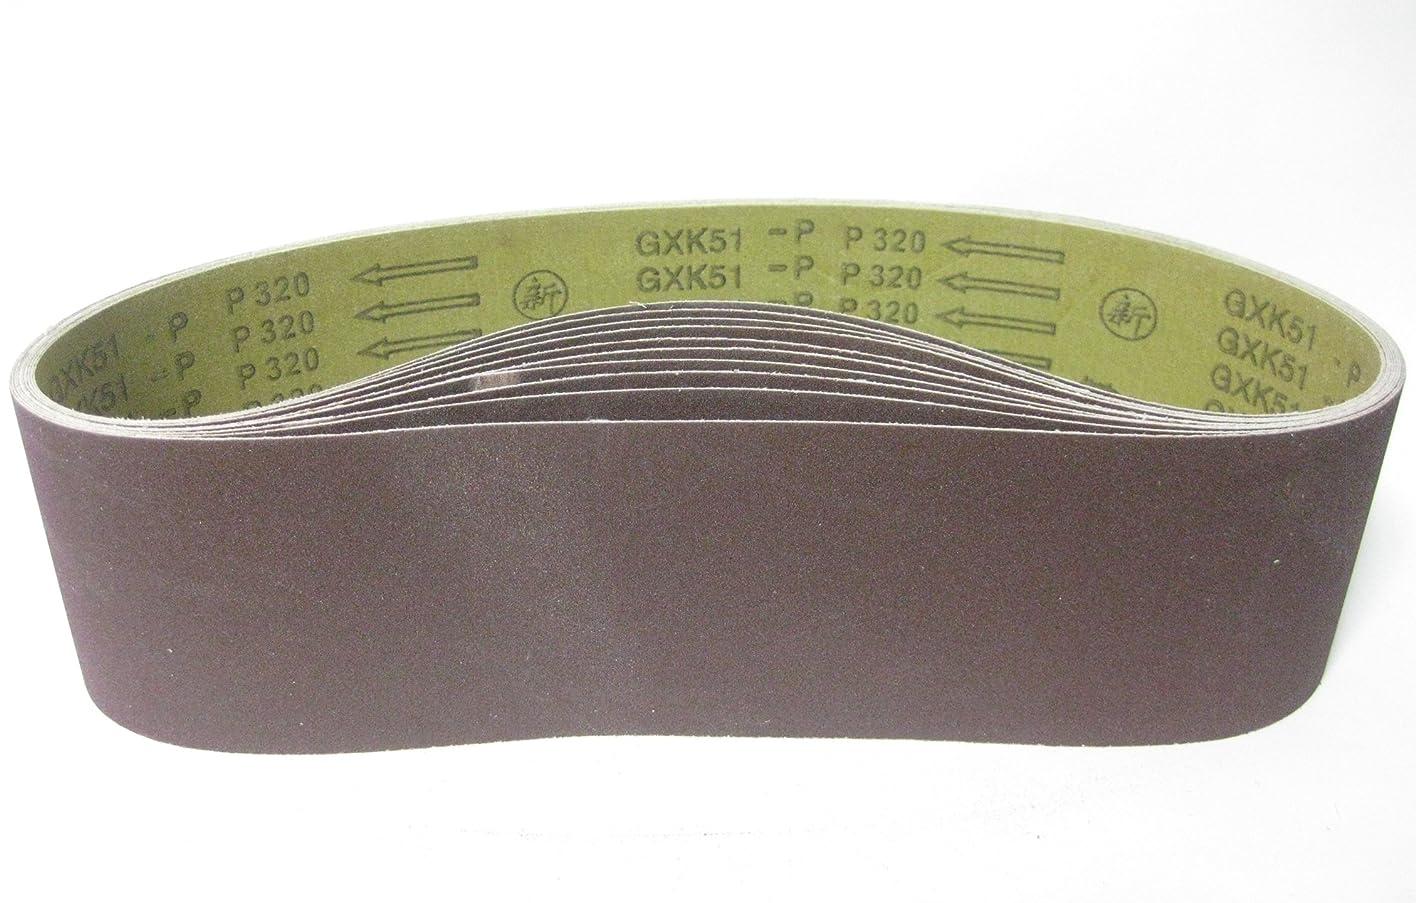 連鎖信頼性スーパー粒度 番手 選べます 100mm 幅 ベルト サンダー 交換 用 研磨 ペーパー 替え ベルト 10枚 入り 915mm (#320)